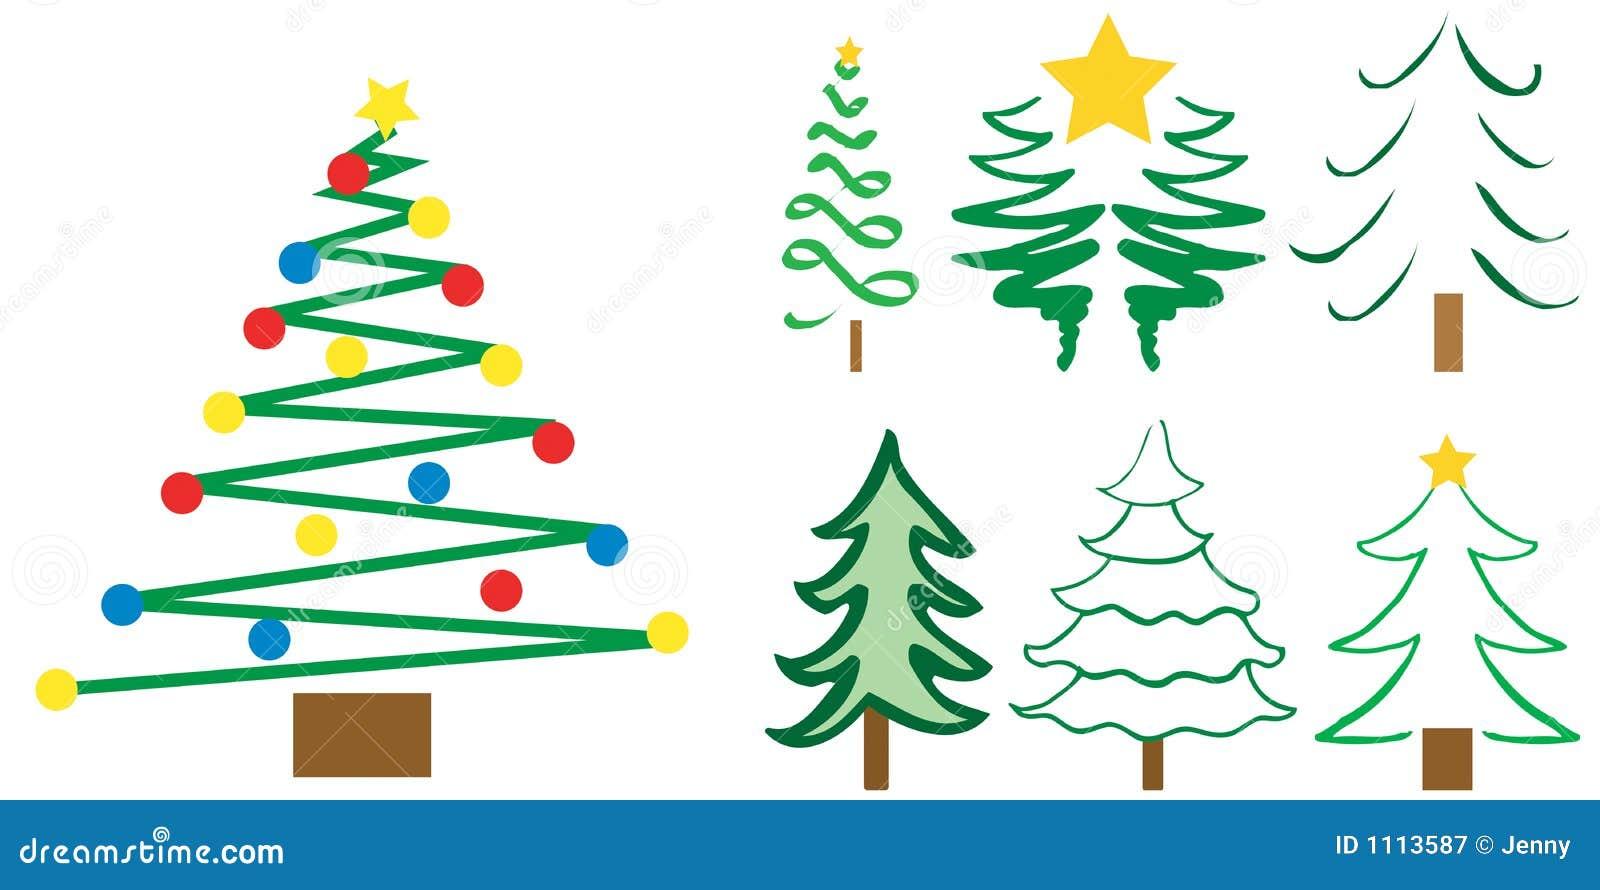 Dise os del rbol de navidad ilustraci n del vector - Diseno de arboles de navidad ...